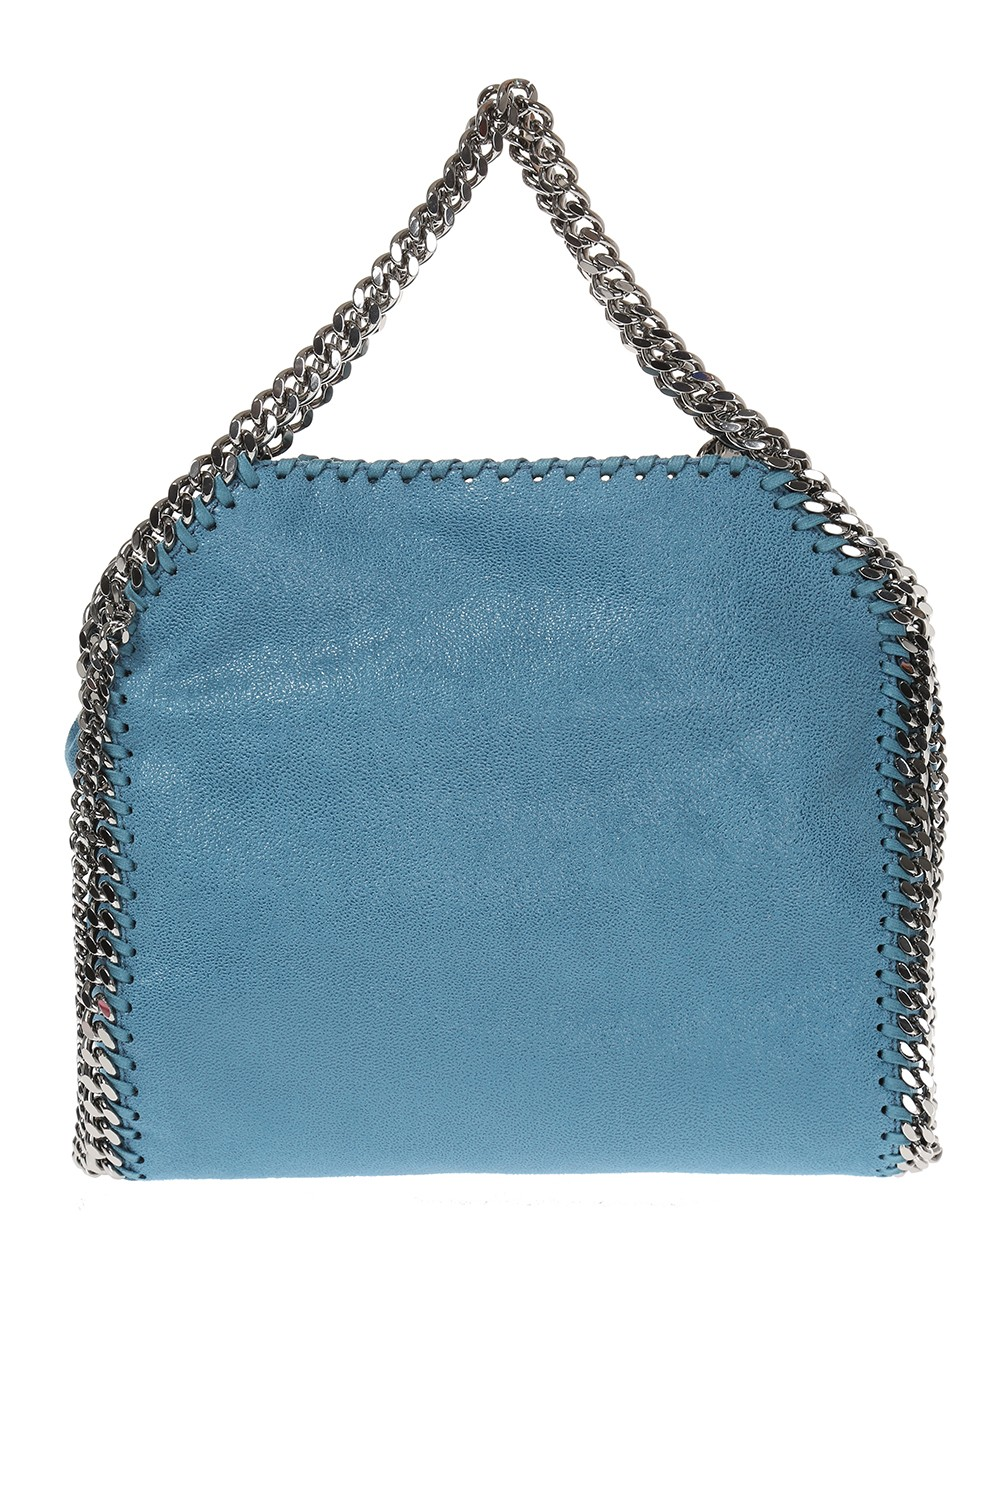 Stella McCartney 'Falabella' shoulder bag